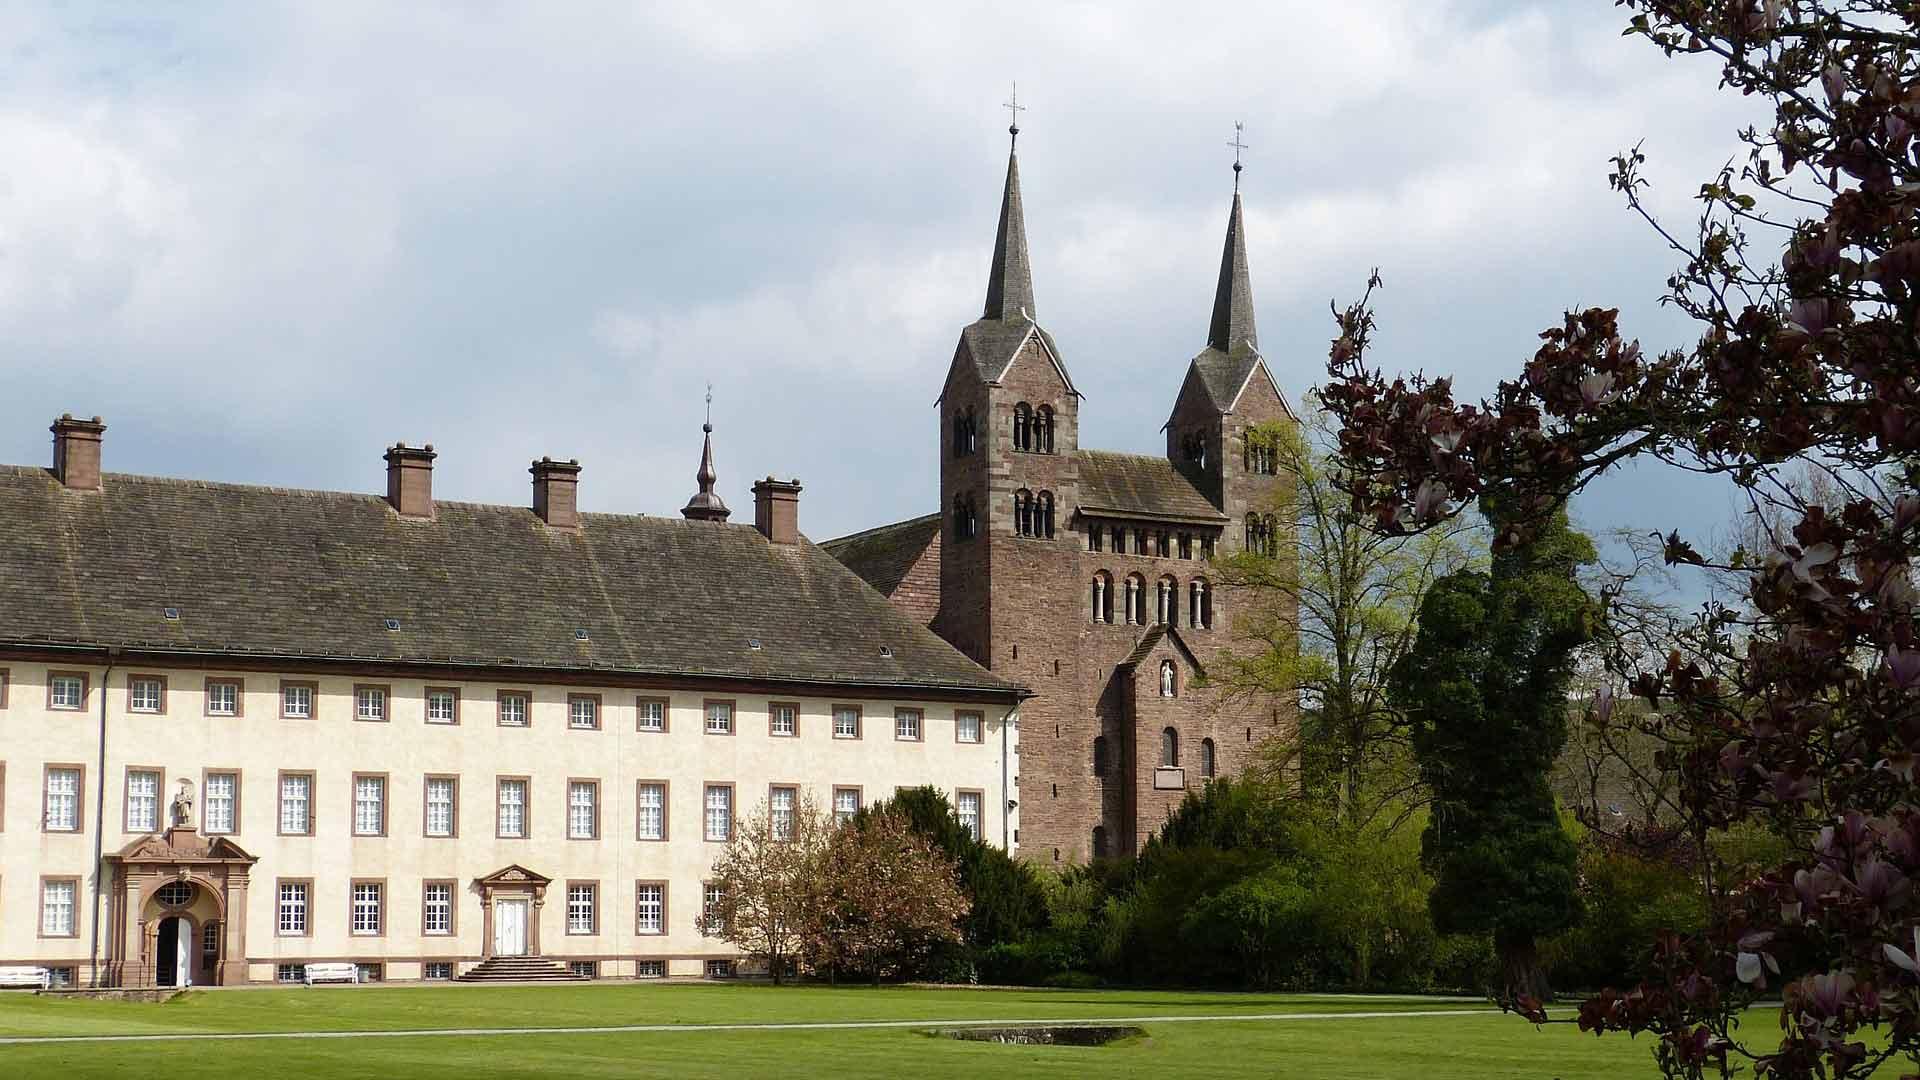 Het westwerk van het voormalige klooster Corvey is UNESCO werelderfgoed.